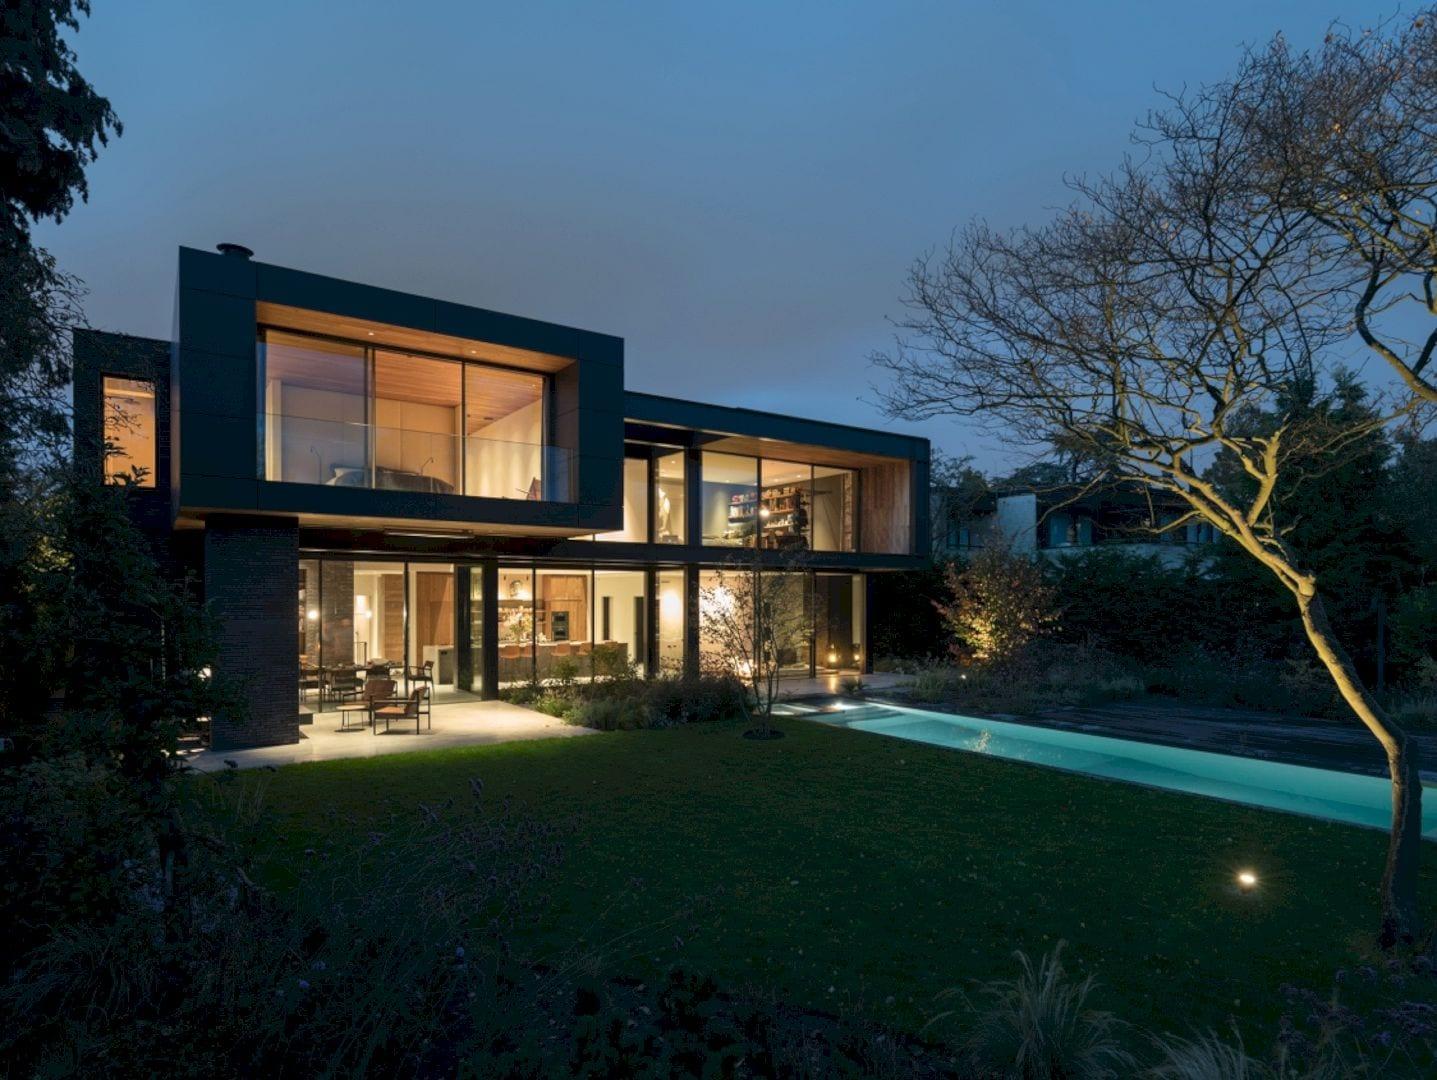 Villa Amsterdam By Marmol Radziner Architecture 1